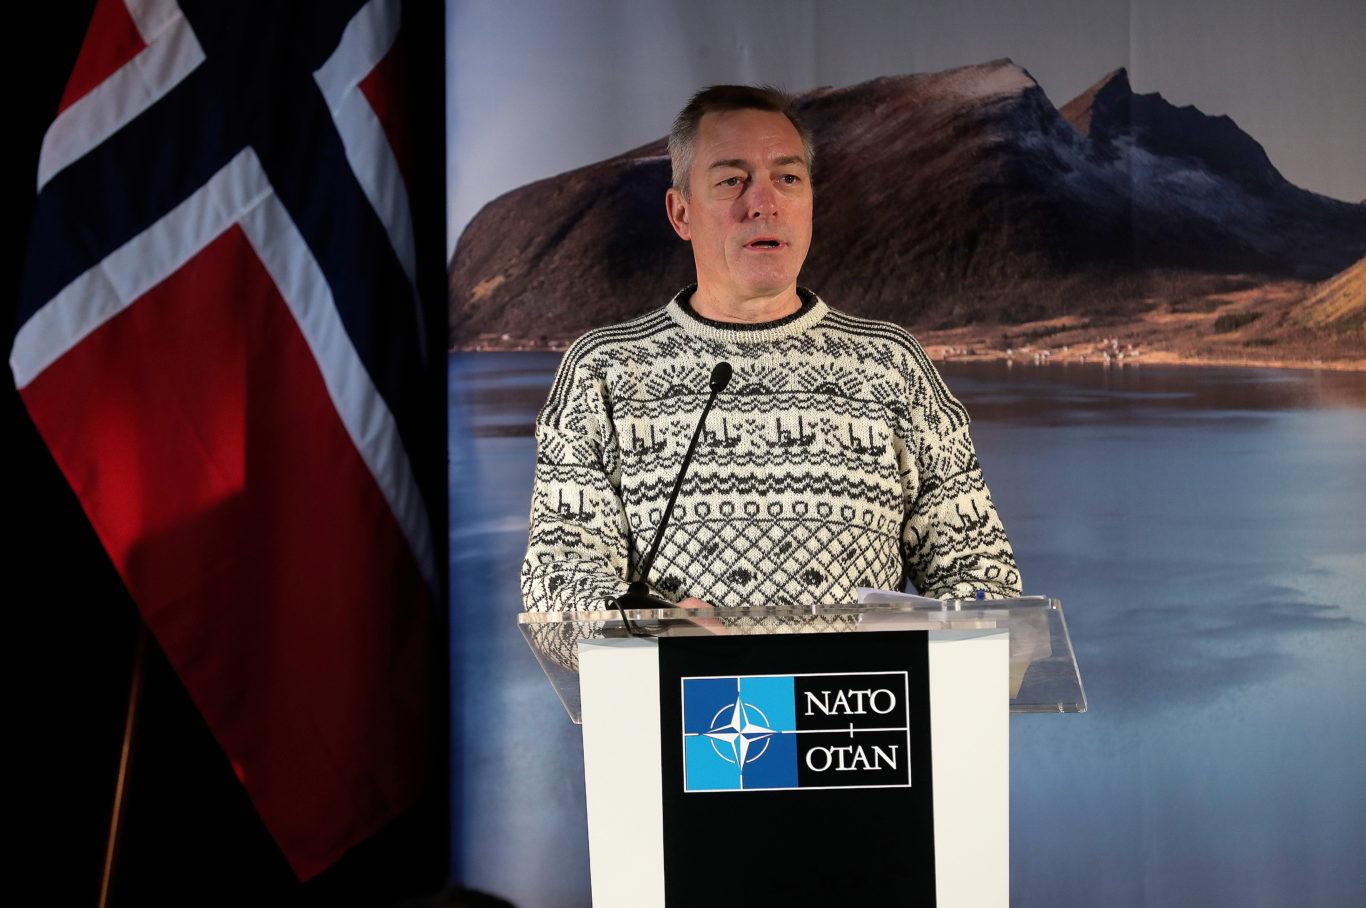 ForsvarsministerFrank Bakke-Jensen på øvelse Trident Juncture 2018 i Norge. Foto: Torbjørn Kjosvold / Forsvaret